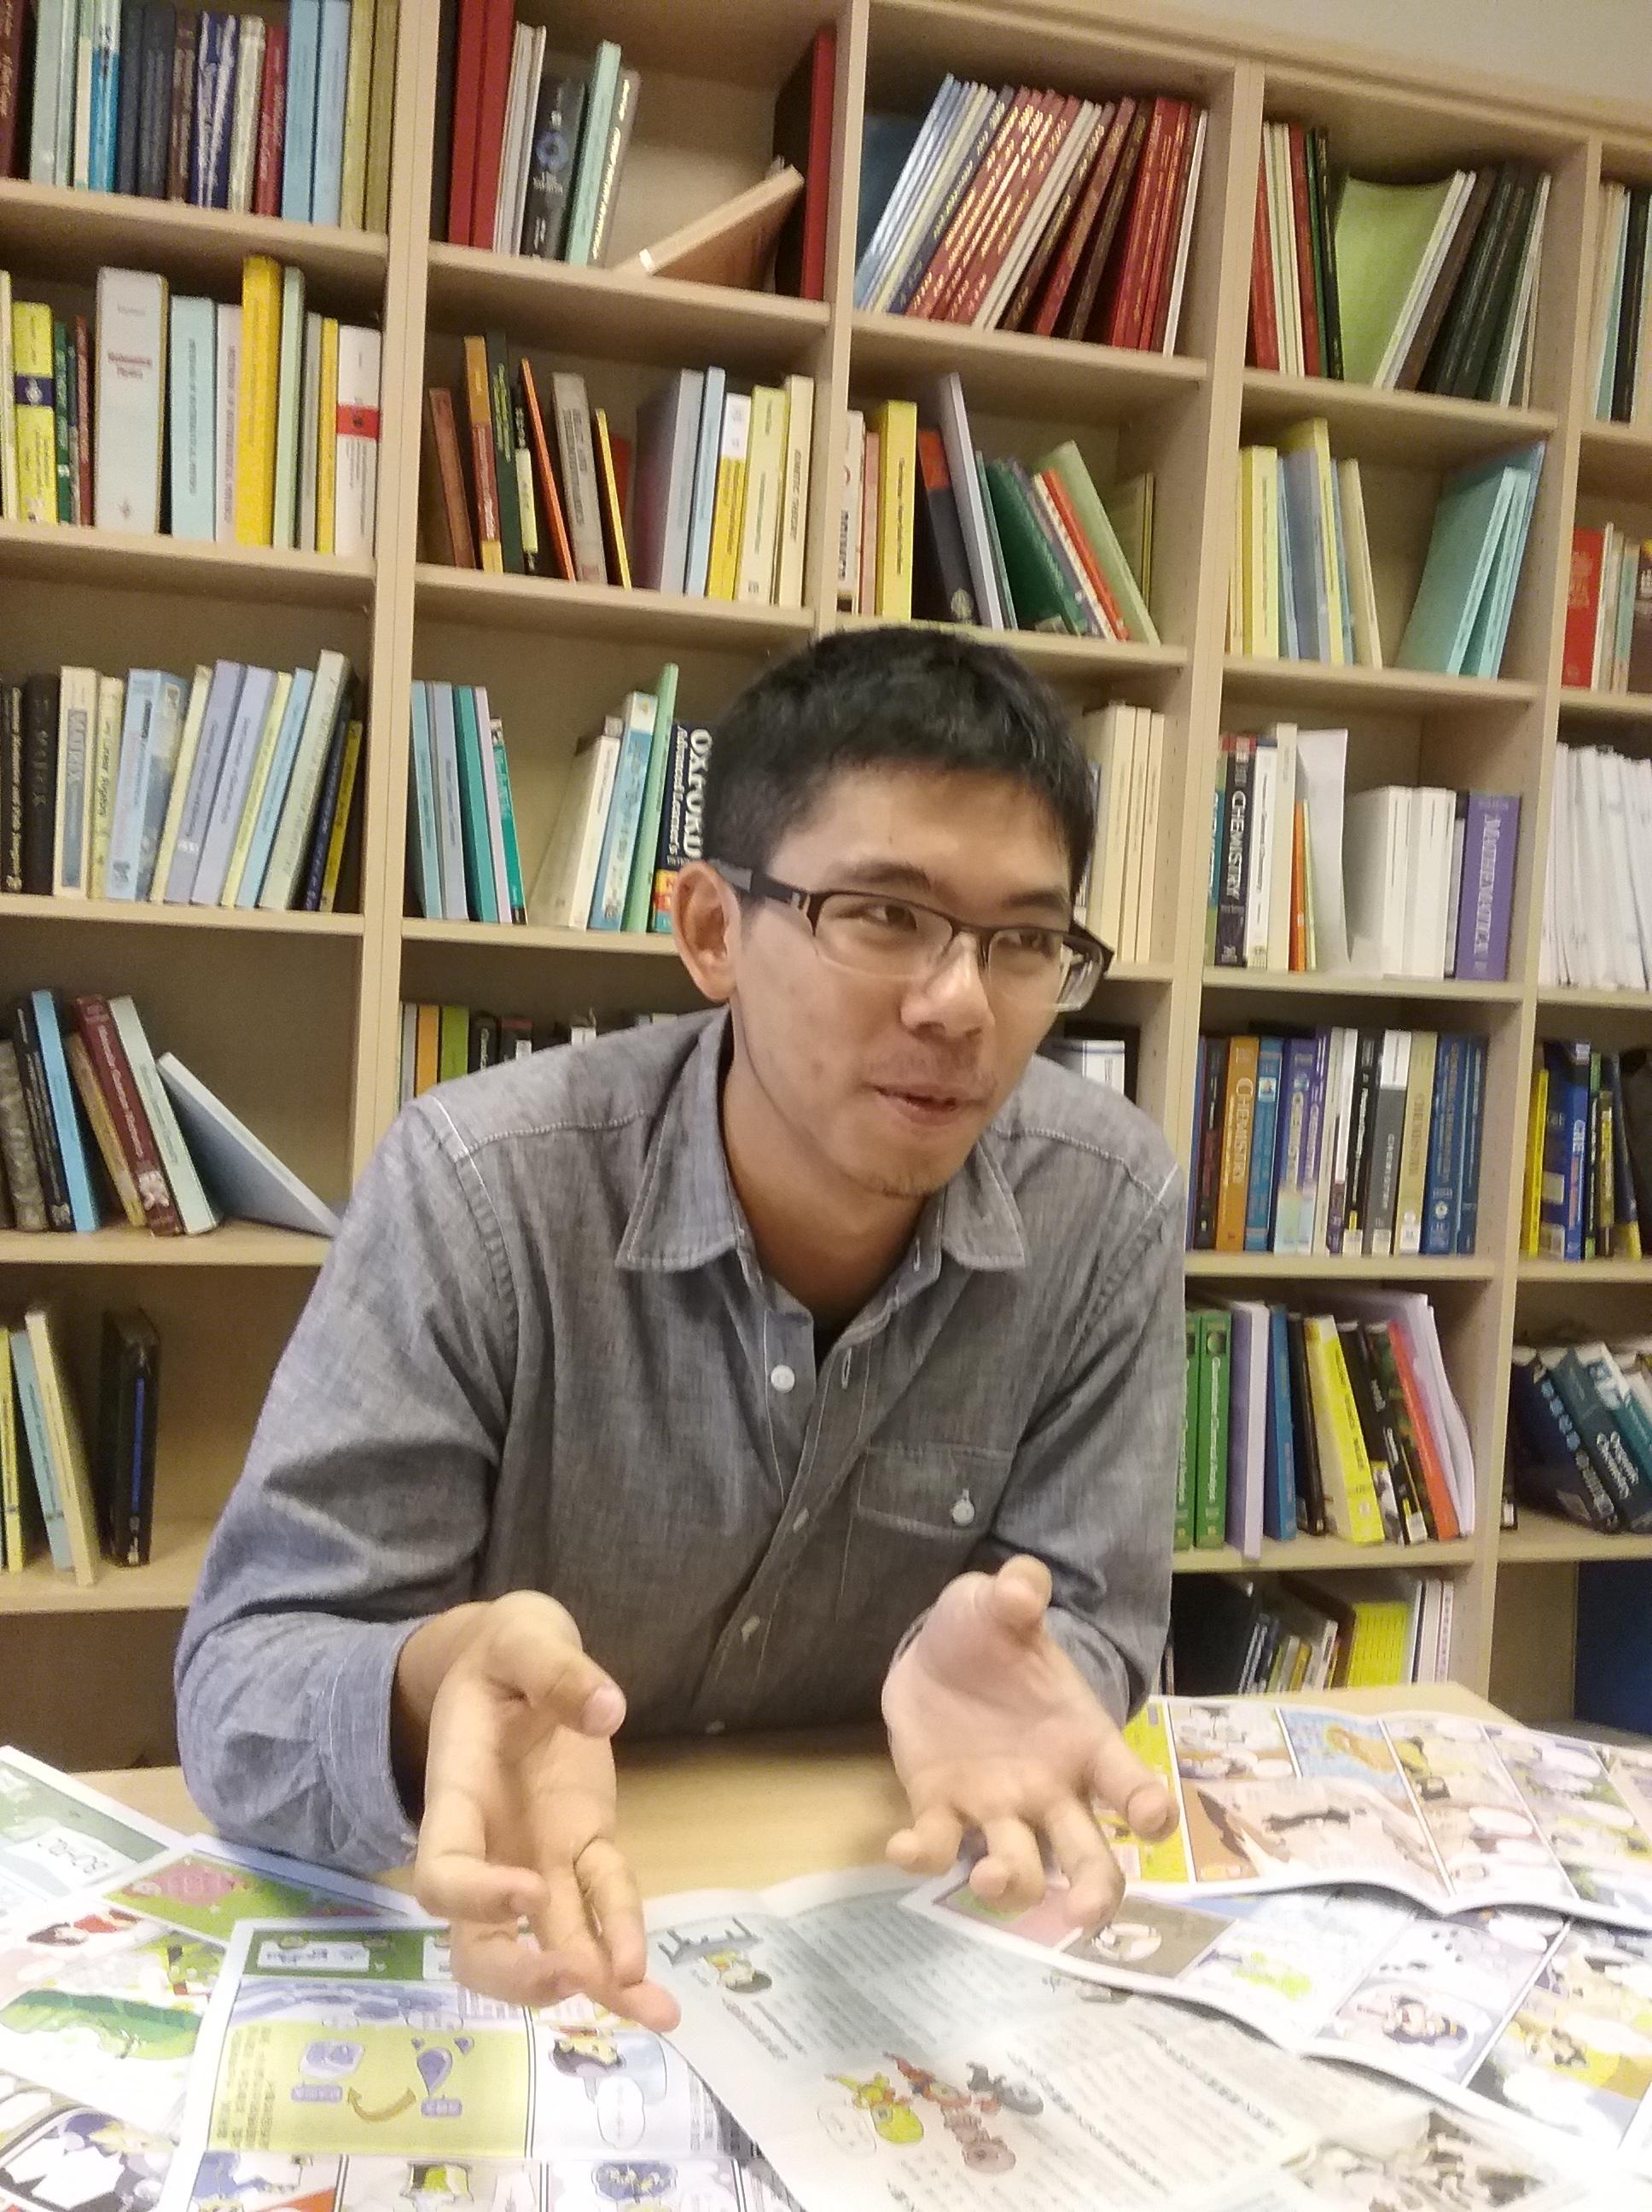 圖二 泛科特約編輯王昱夫表示,社群媒體結合網站流量調查,可以提供編輯發稿時間與關鍵字的參考依據。(邱圓庭攝影)